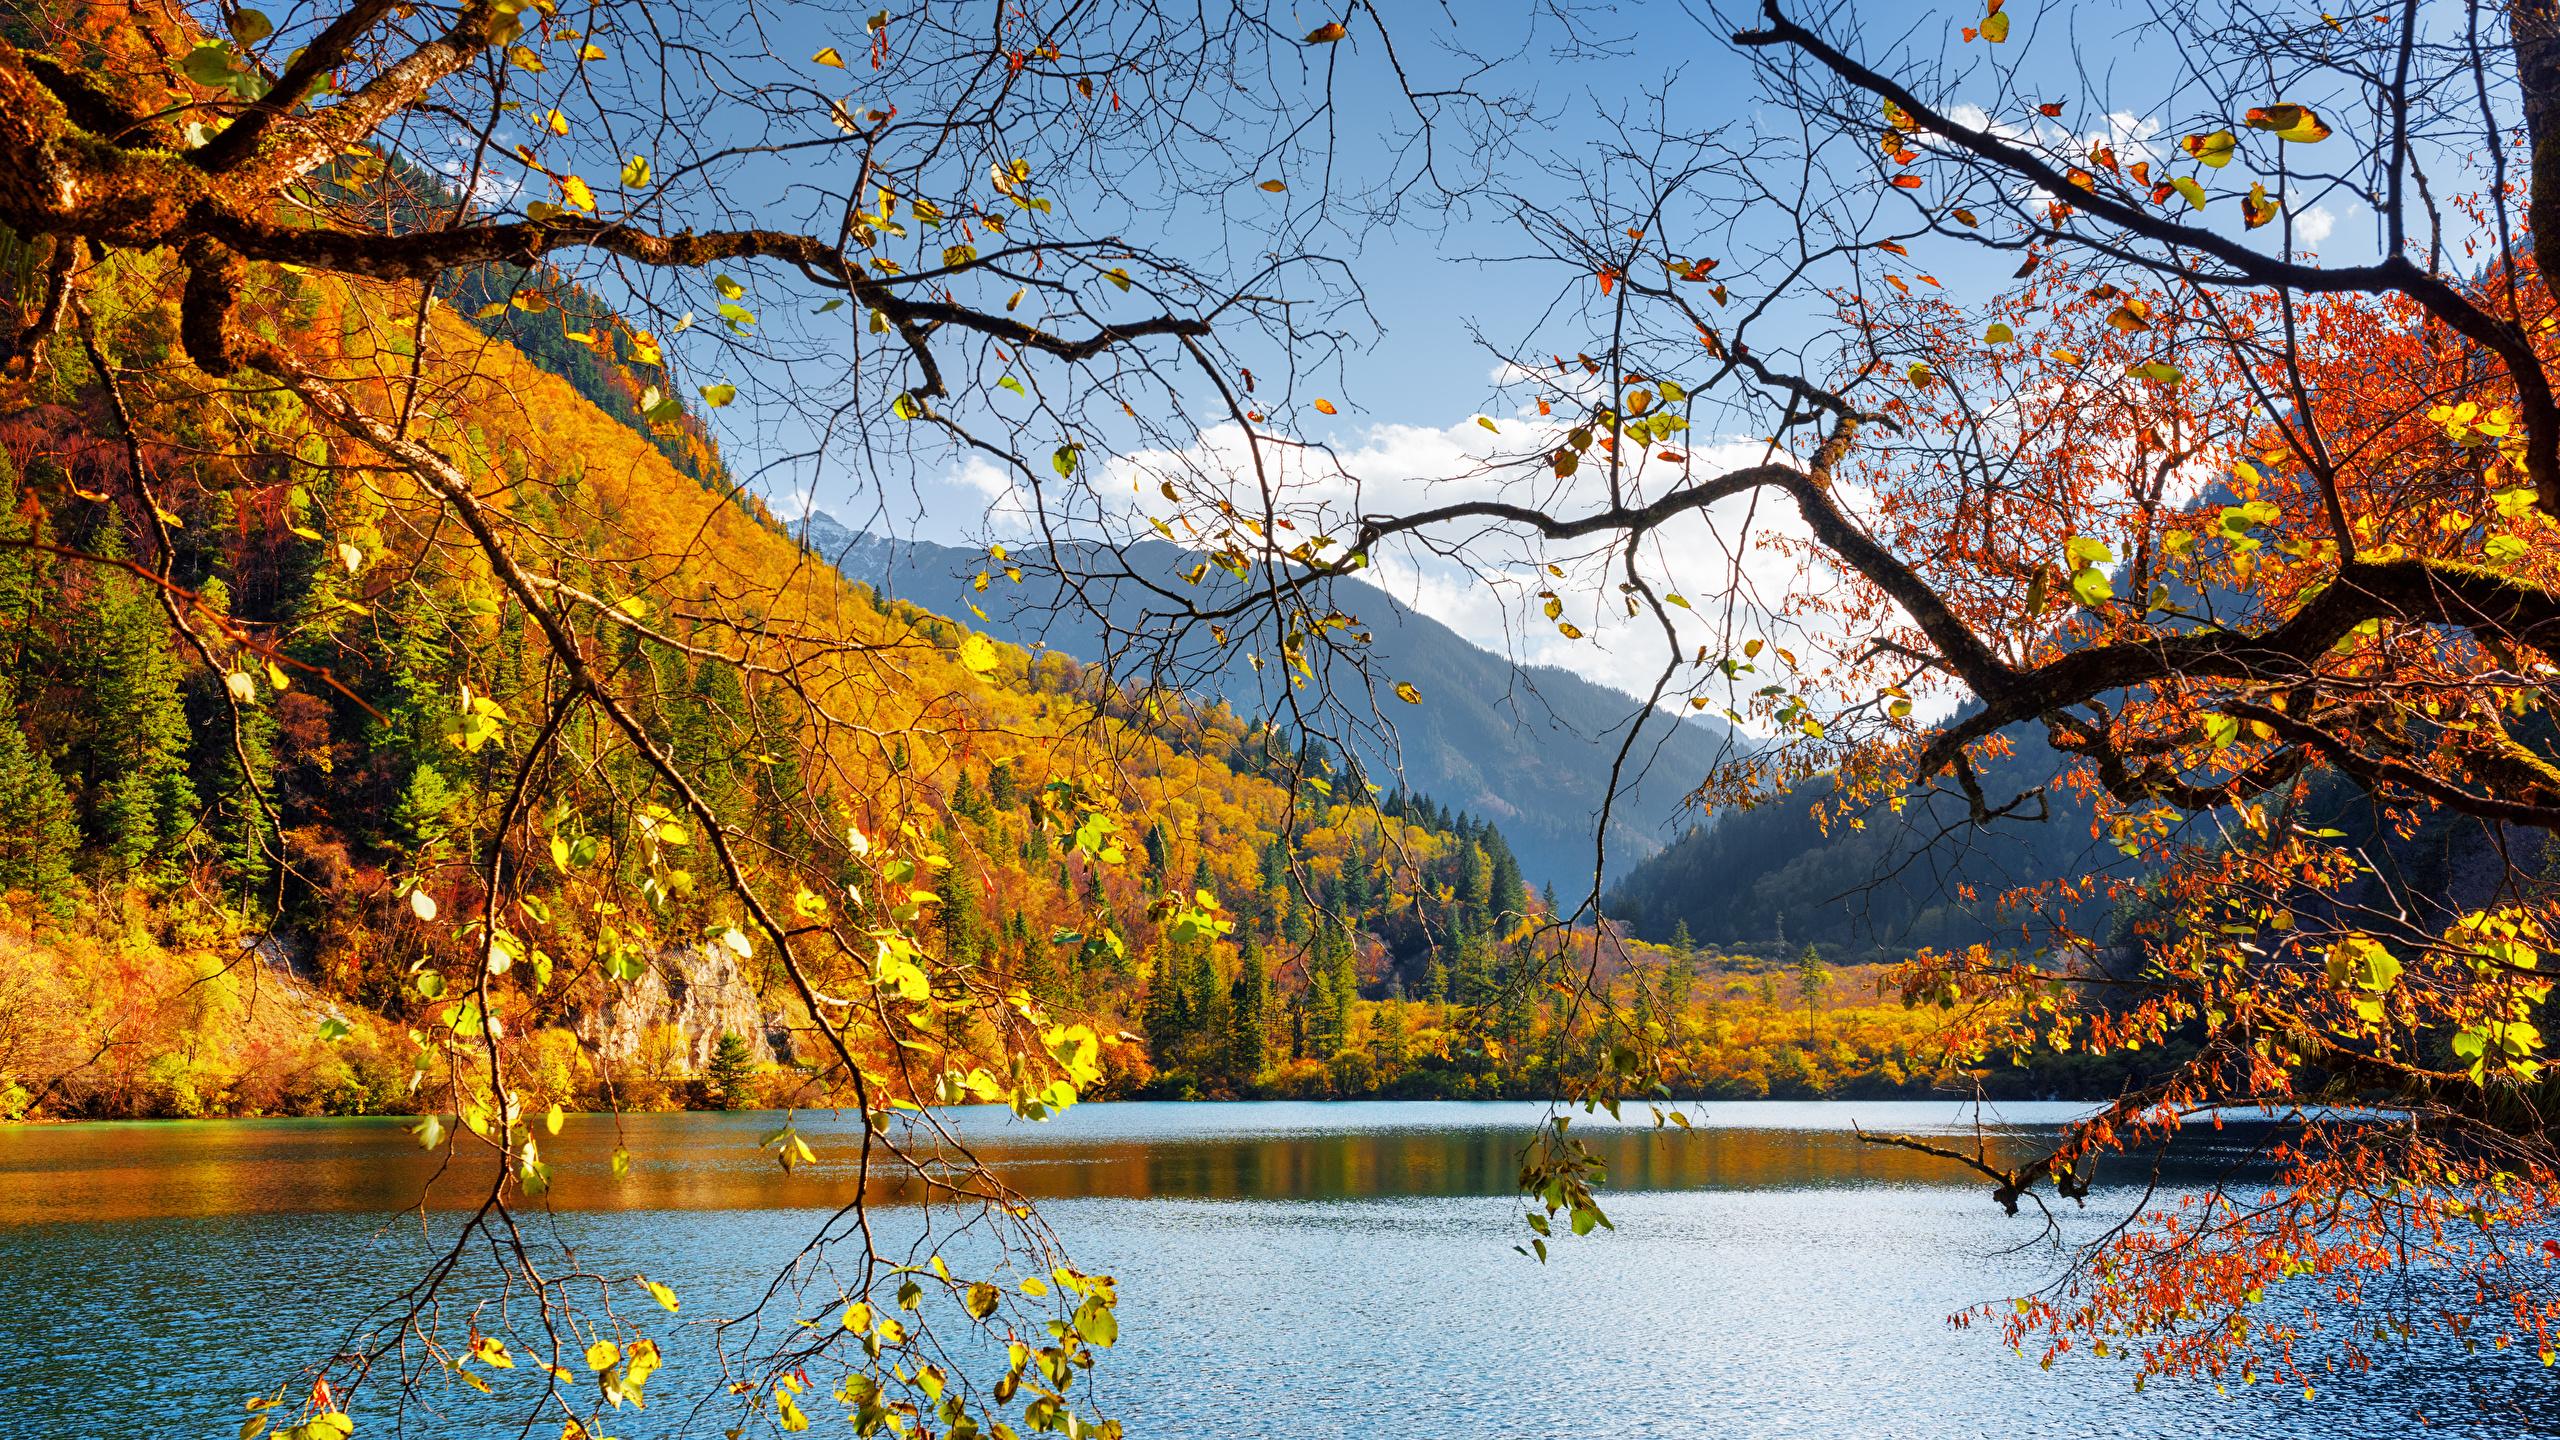 壁紙 2560x1440 中華人民共和国 九寨溝 公園 湖 秋 風景写真